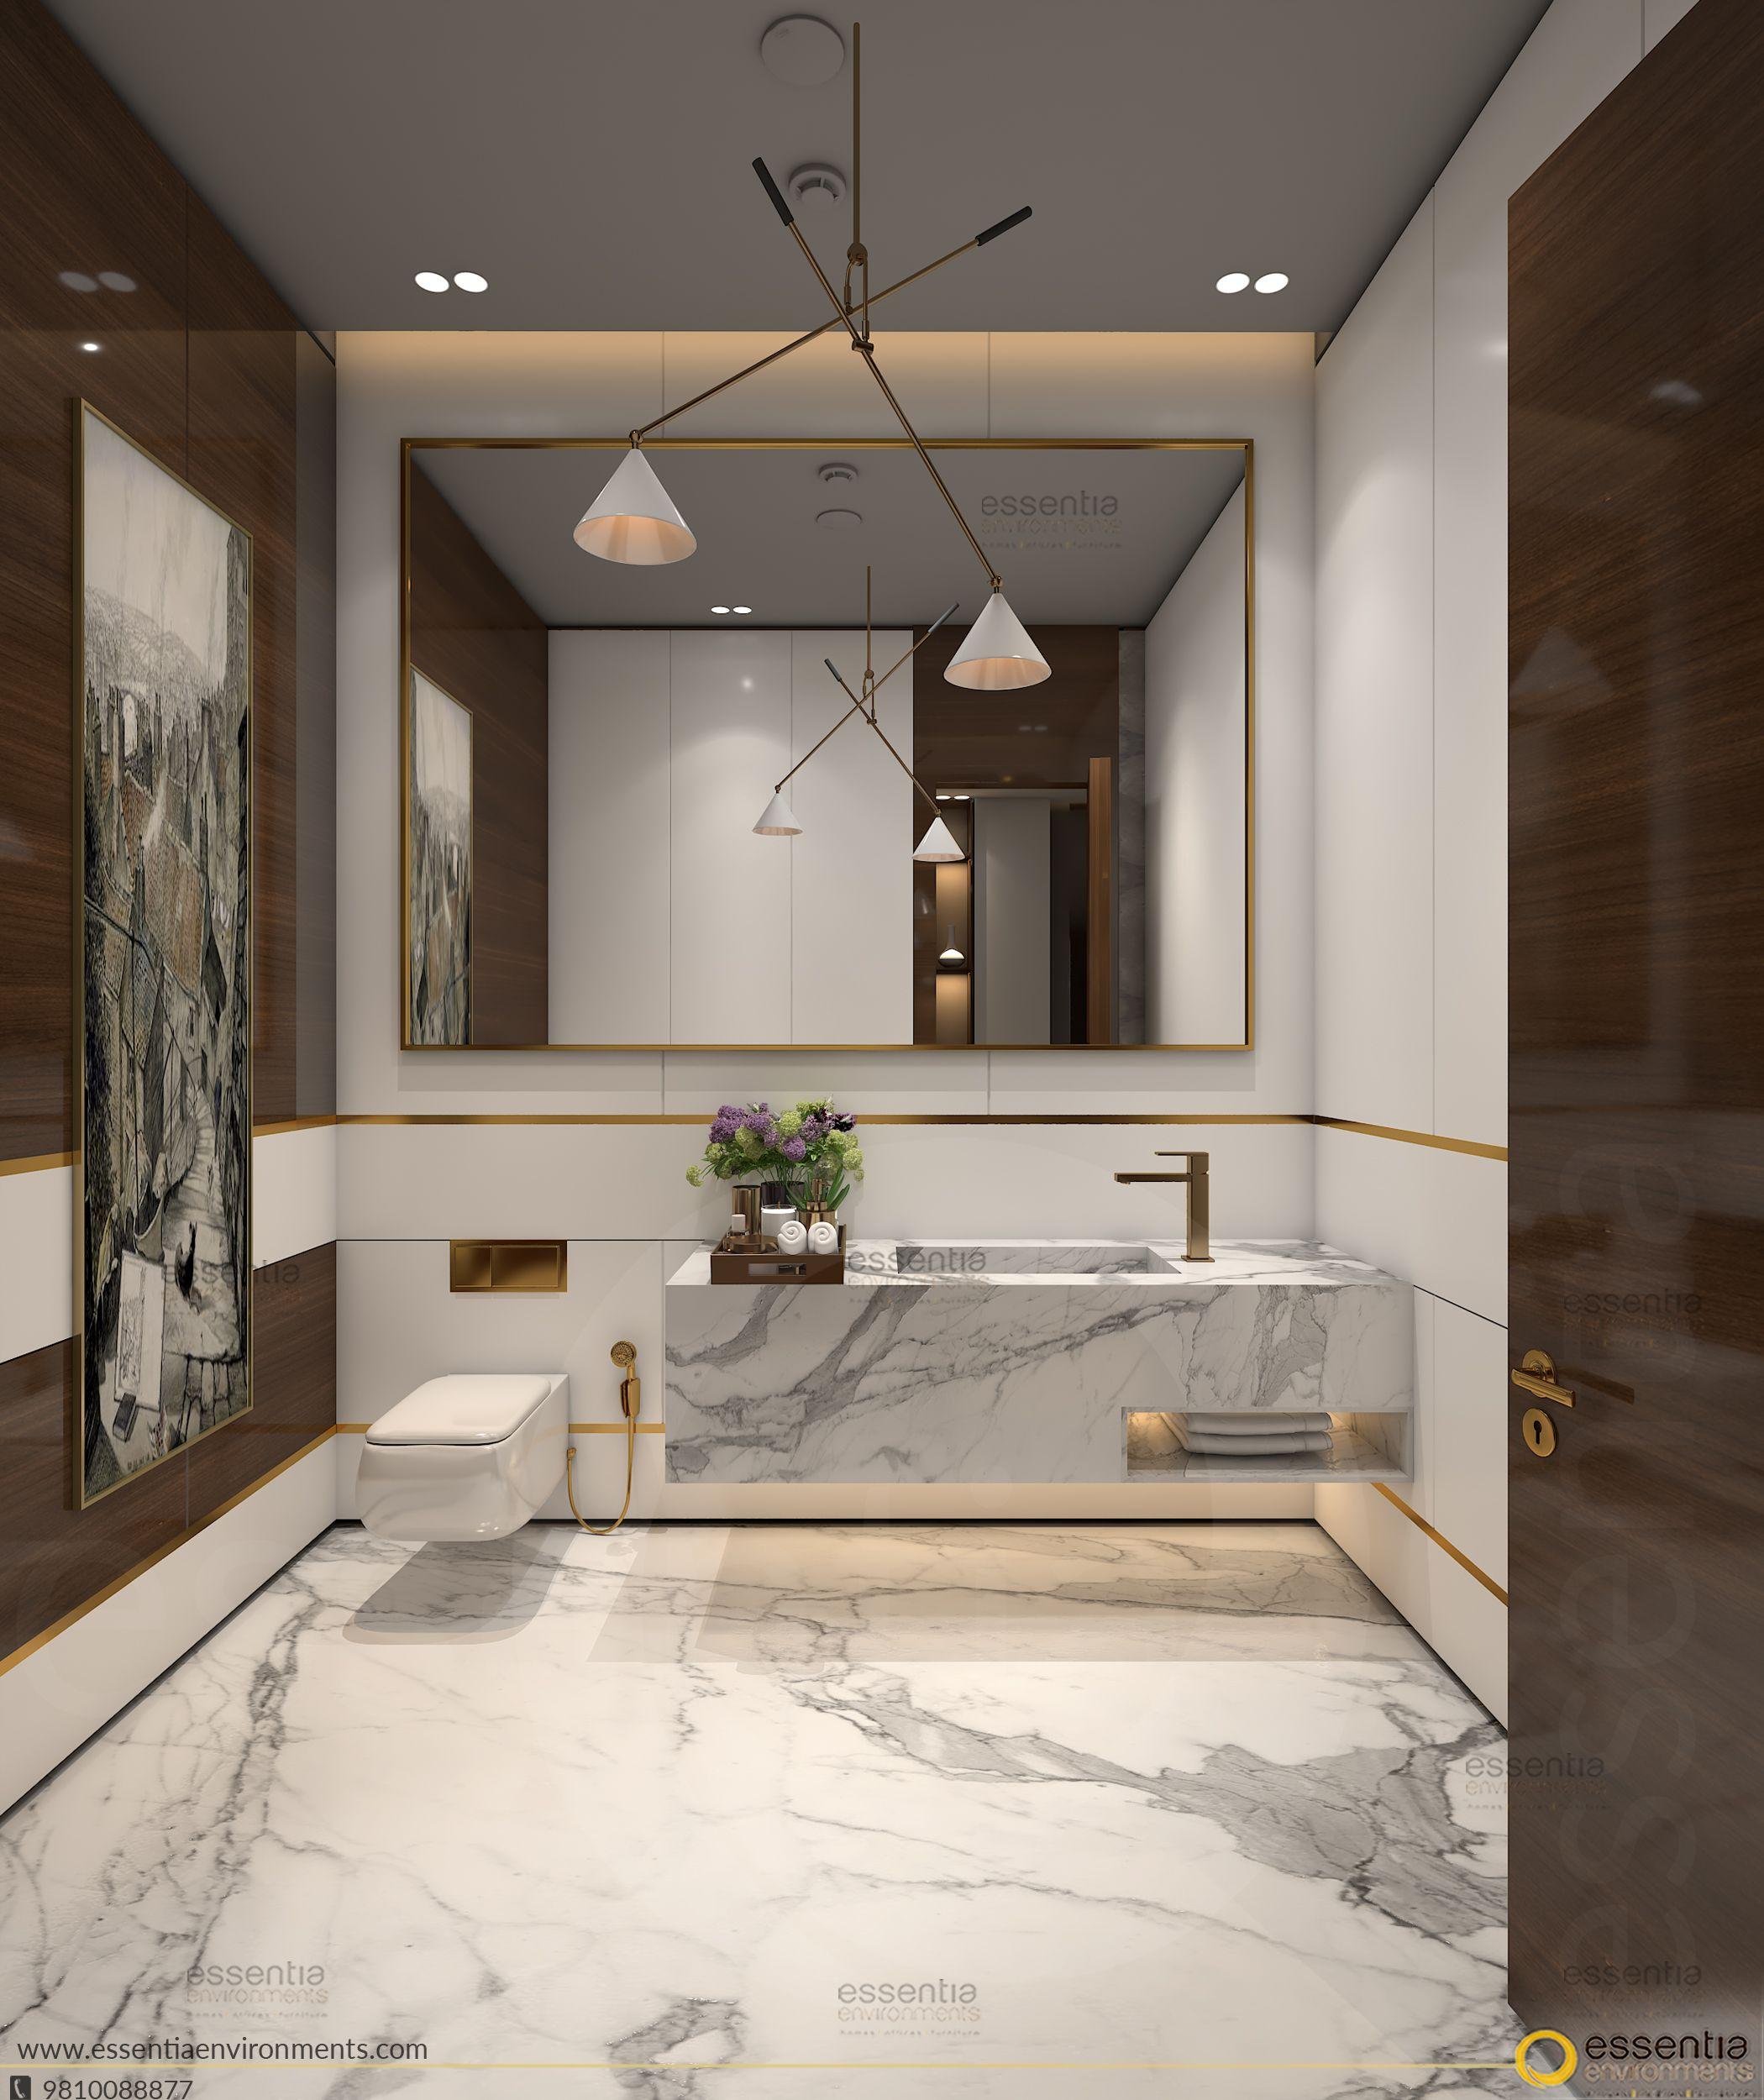 Pin By Chloe Chung On 室 - ┃衛浴 ㊁ ┃ Bathroom。 | Luxury Bathroom, Modern Bathroom, Luxury Bathroom Master Baths